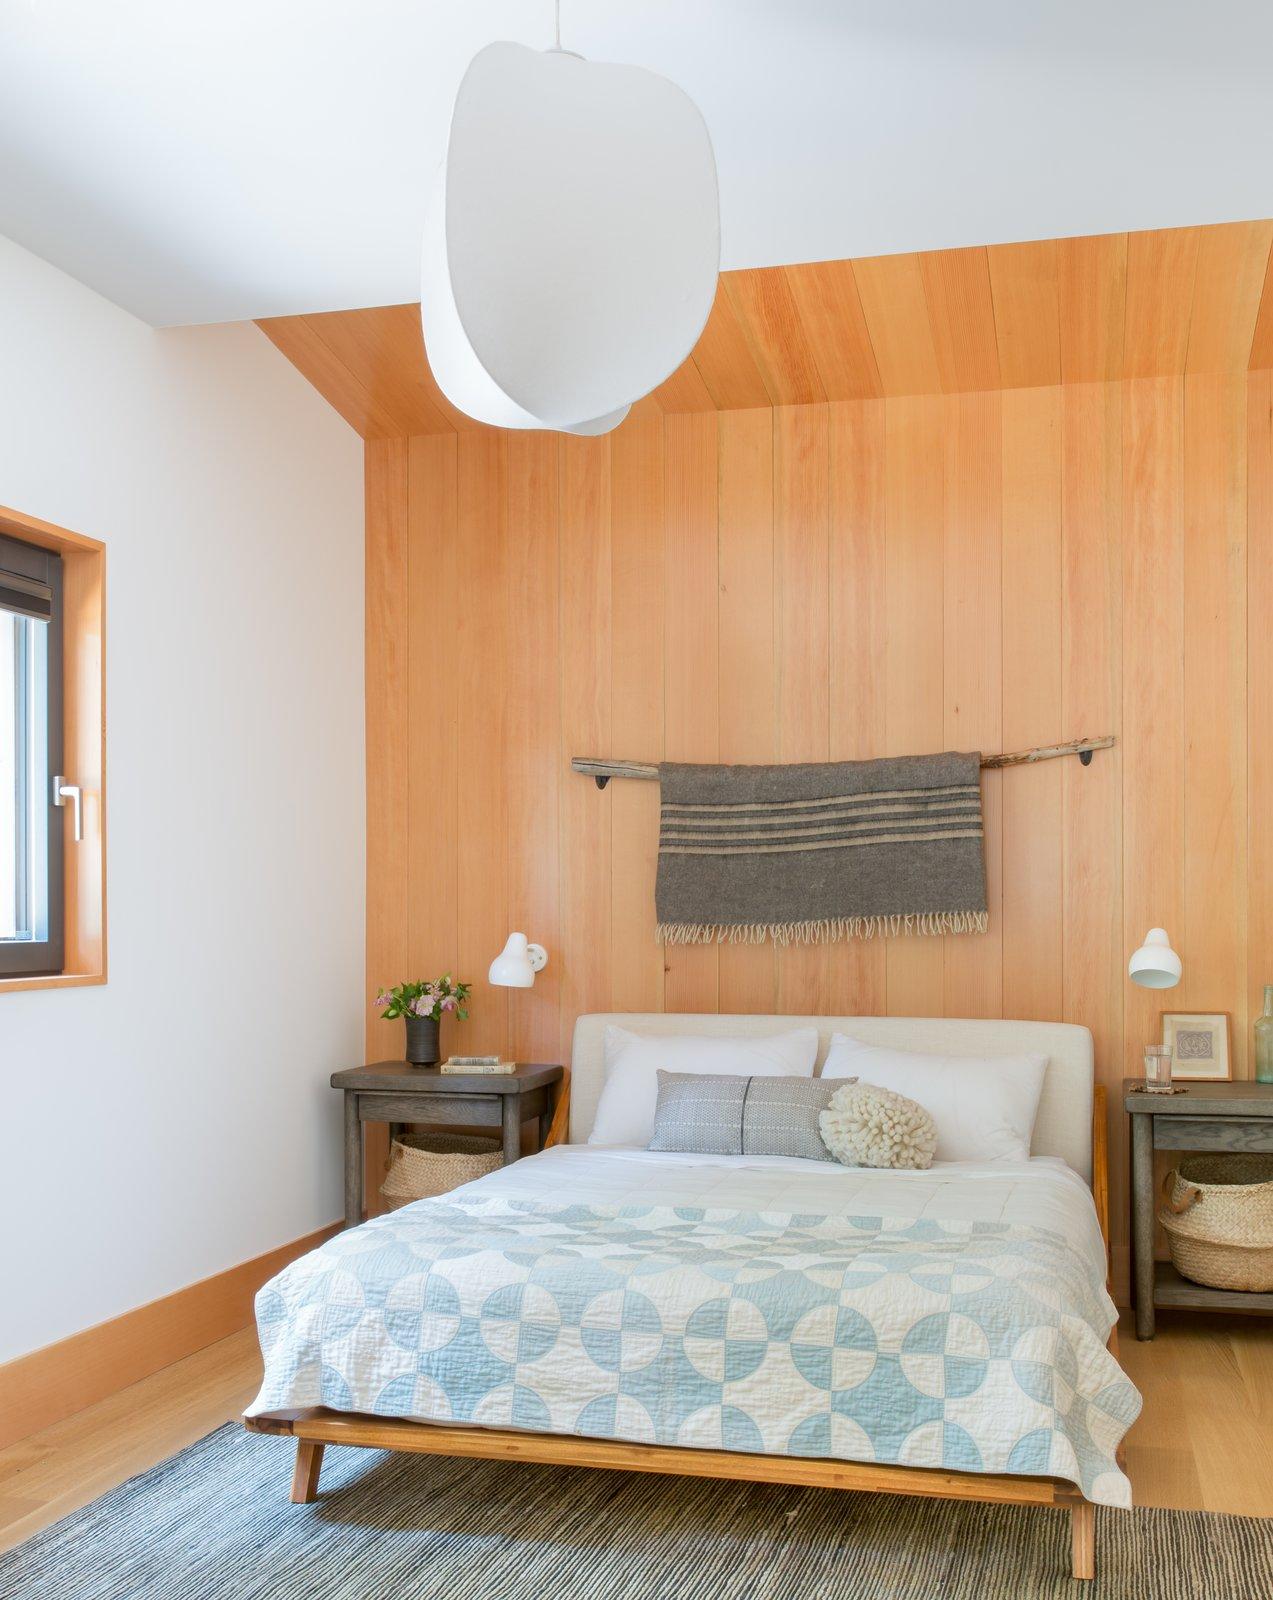 Bedroom, Bed, Light Hardwood Floor, Wall Lighting, Night Stands, Ceiling Lighting, and Rug Floor  Woodsy Tahoe Cabin by Regan Baker Design